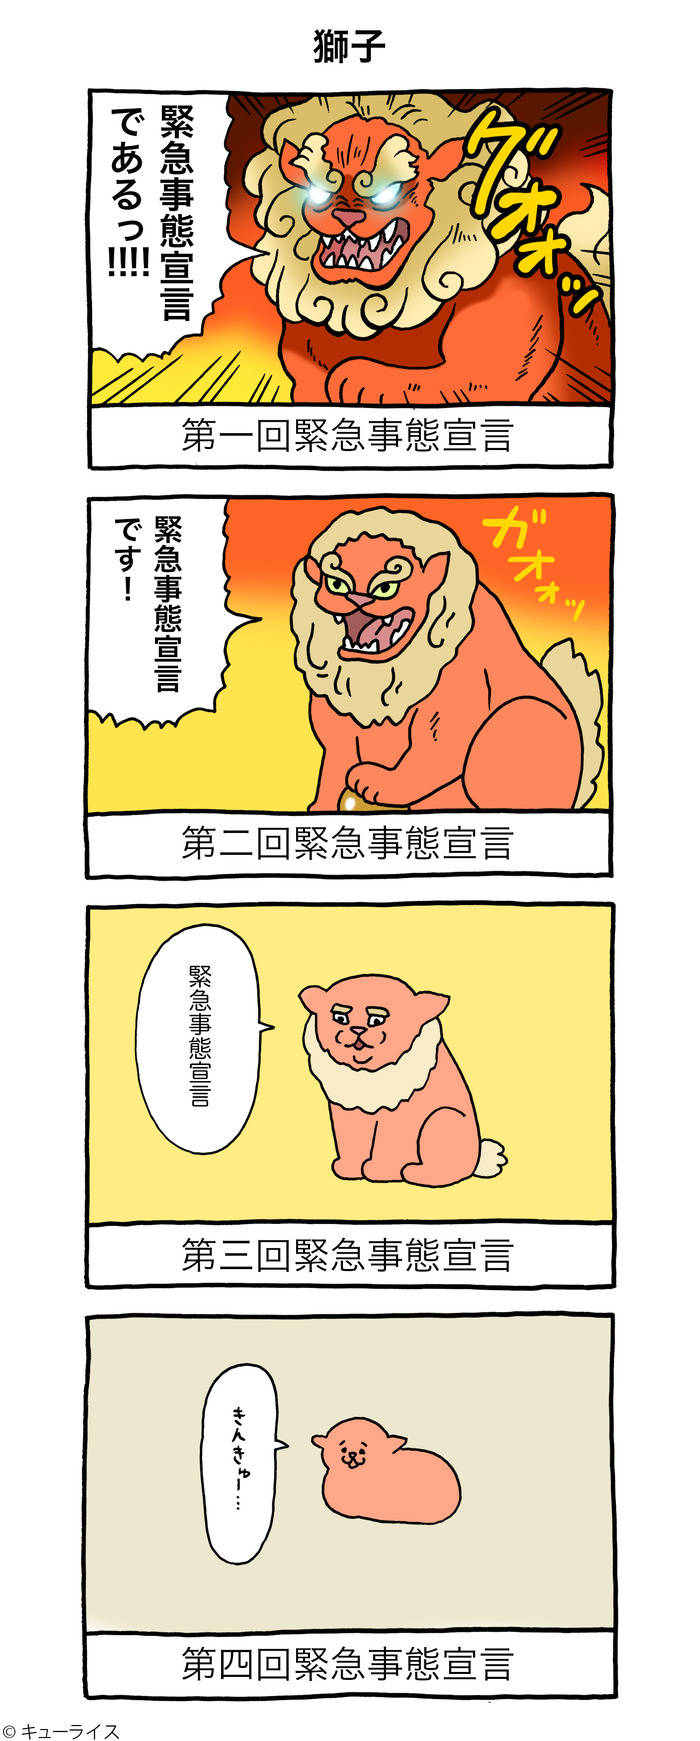 獅子 のコピー